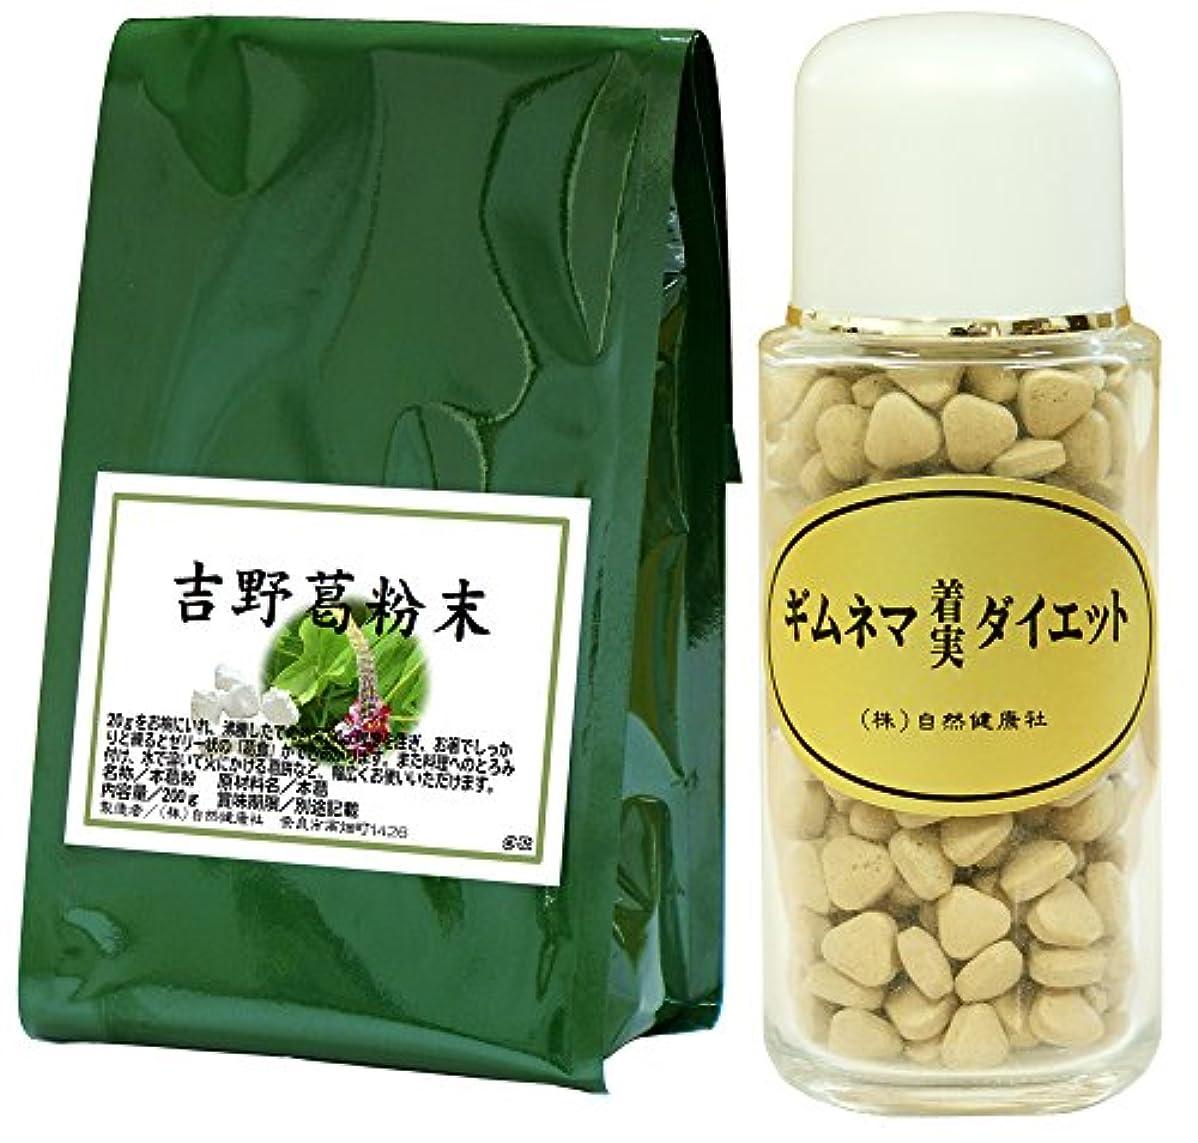 願望裂け目刺激する自然健康社 国産吉野葛粉末 200g + ギムネマダイエット 90g